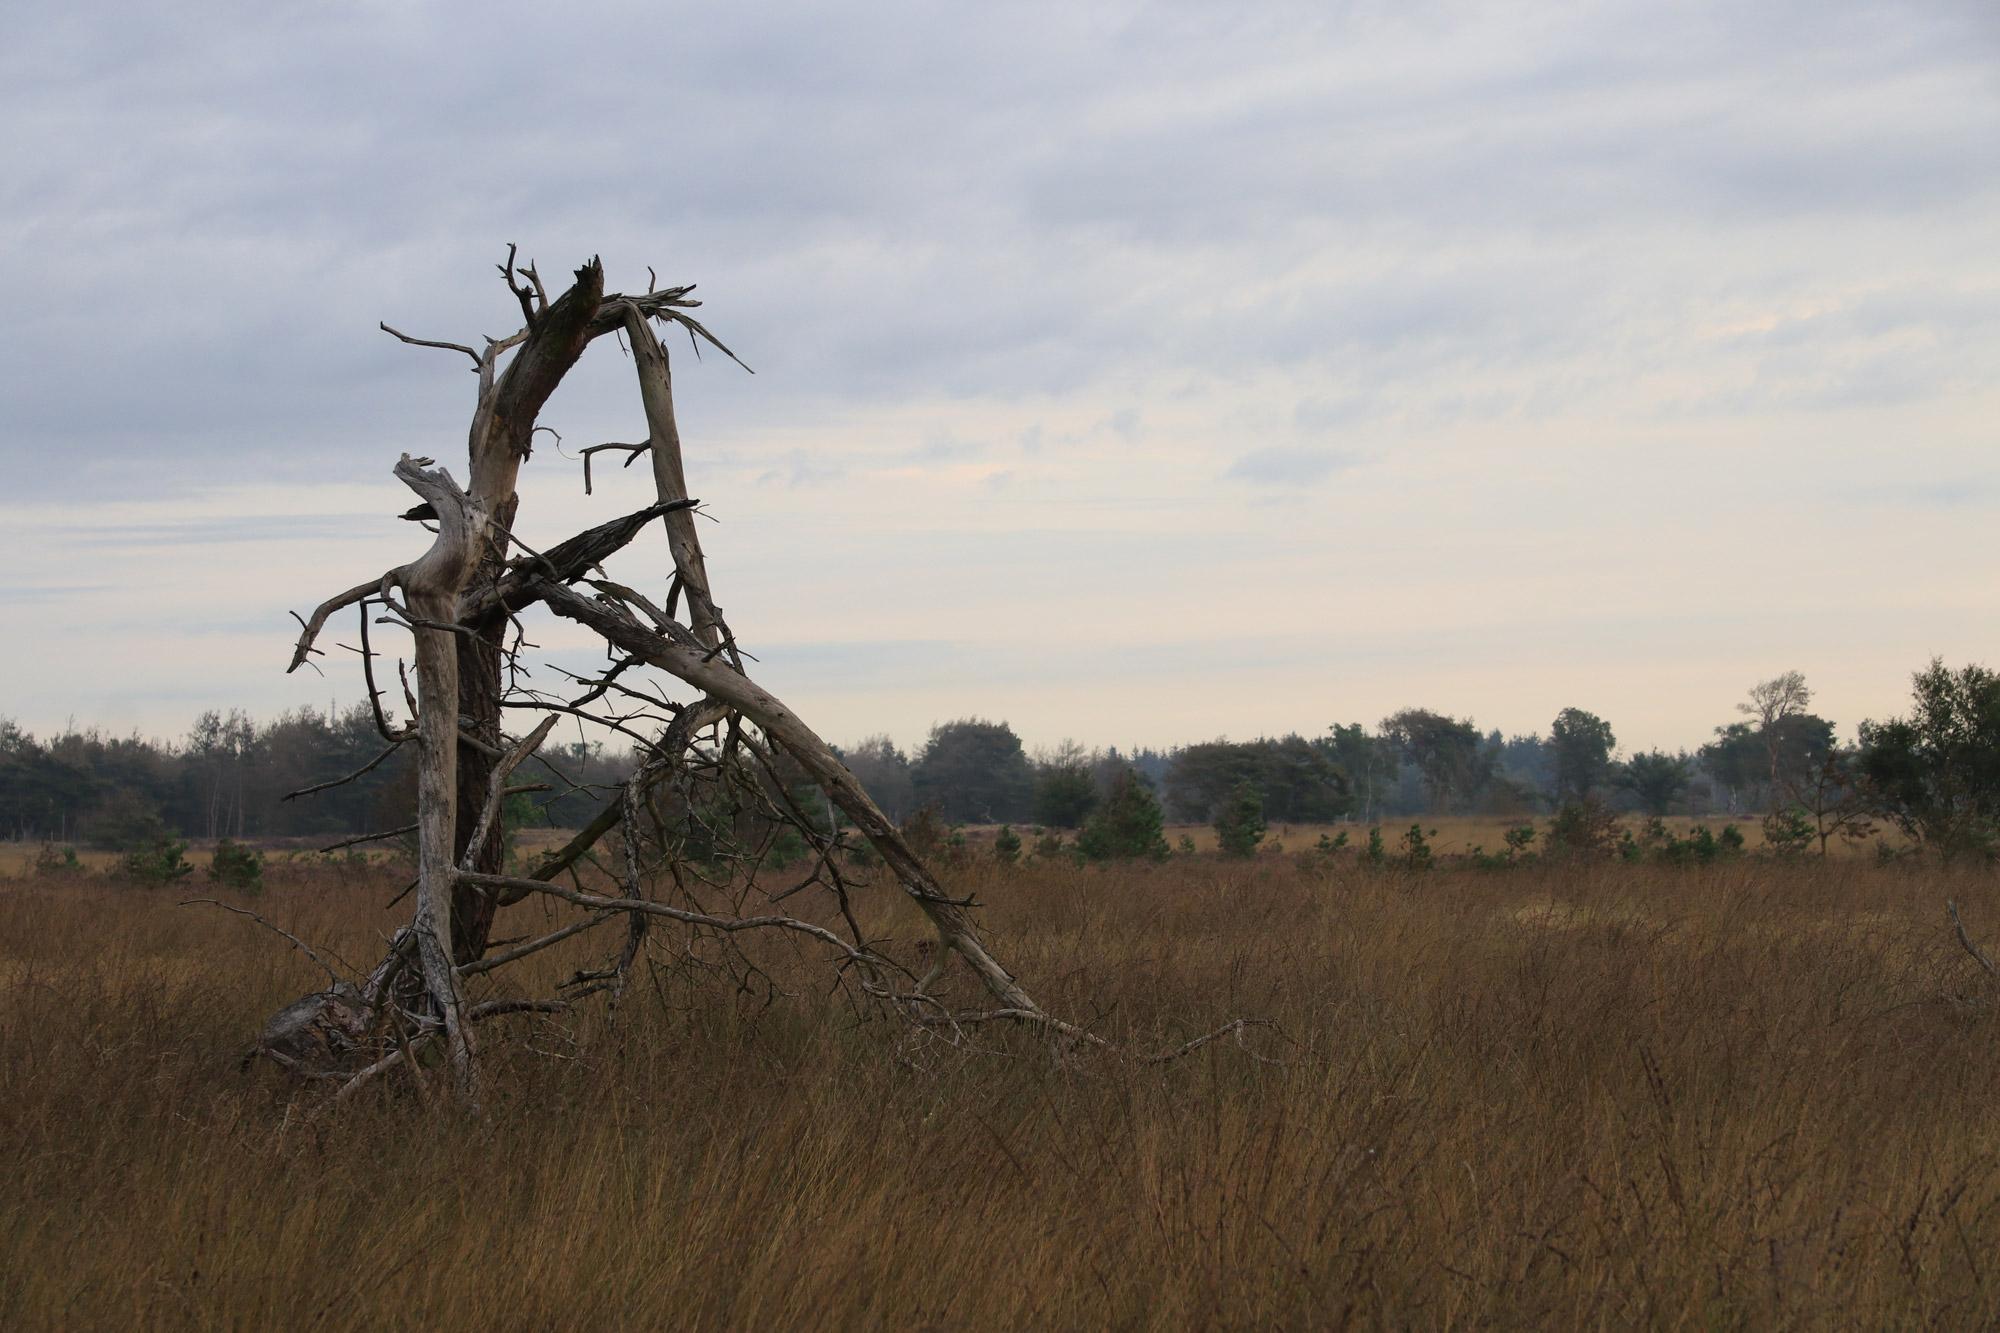 Ochtendwandeling op de Strabrechtse Heide